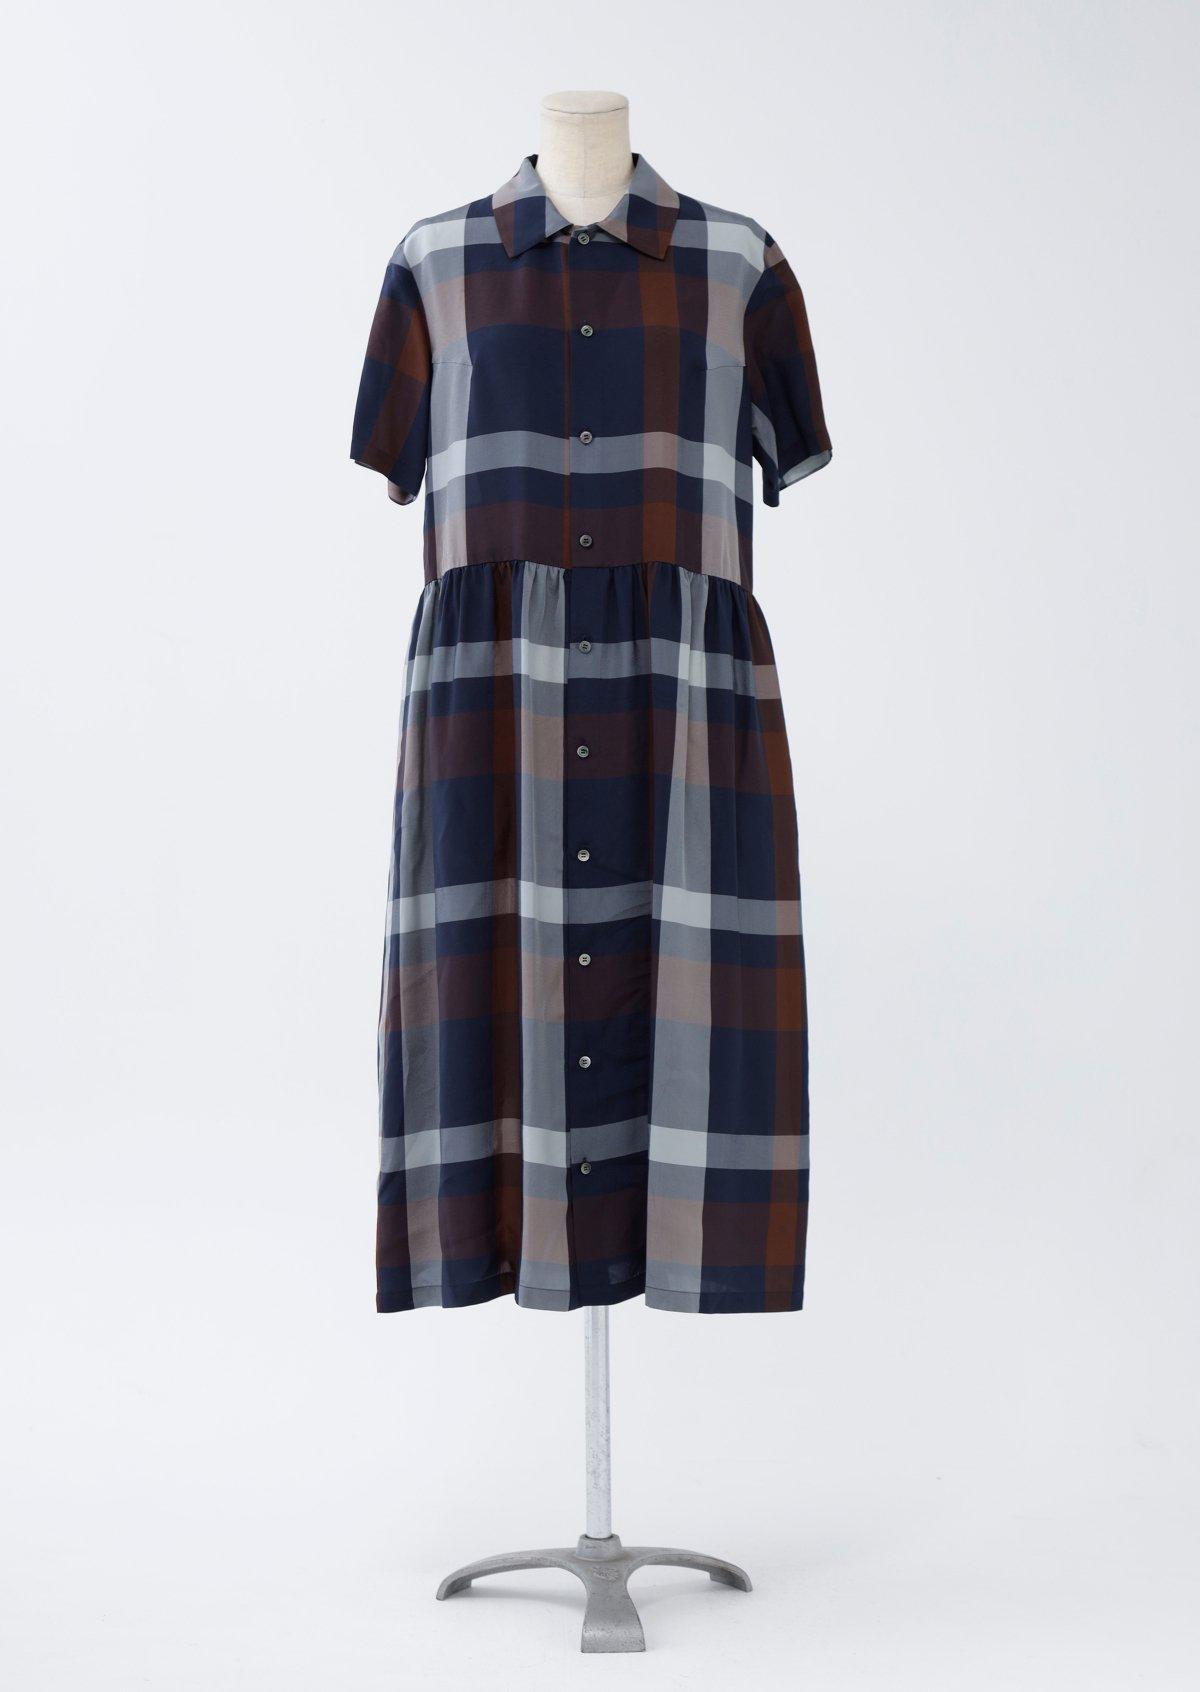 クロックドレス